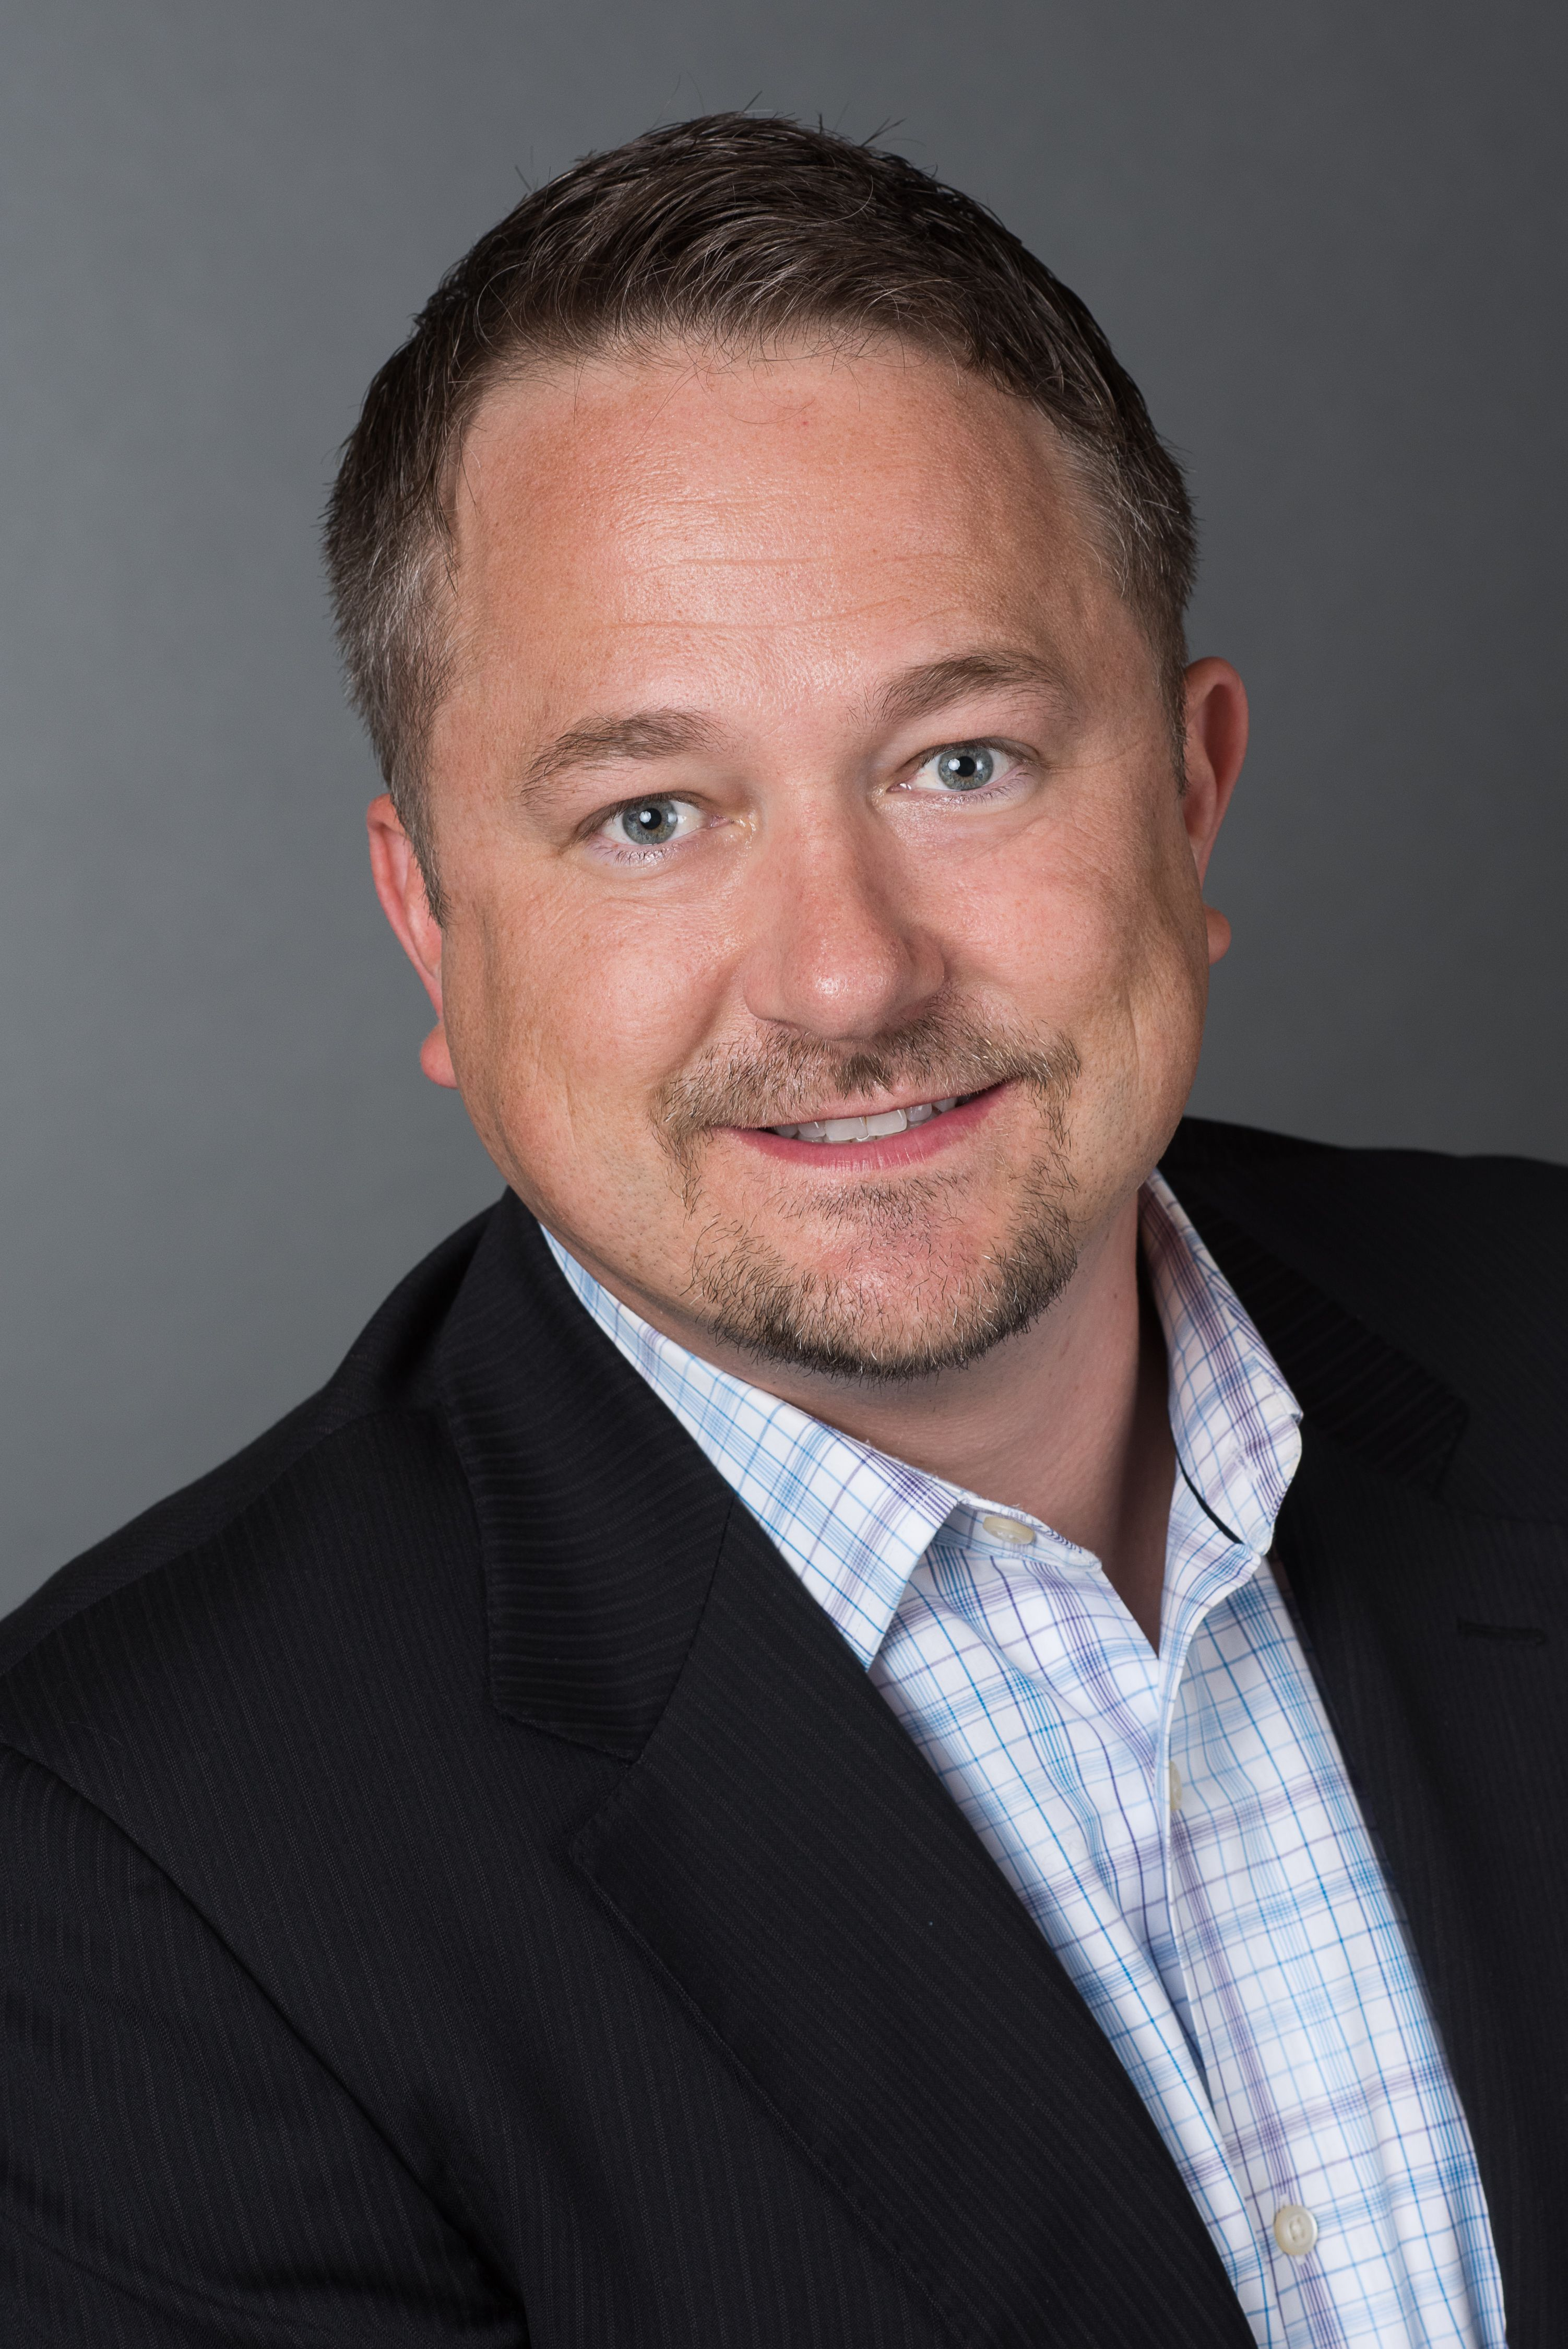 Michael Butler John L Scott Boise 208-850-6000